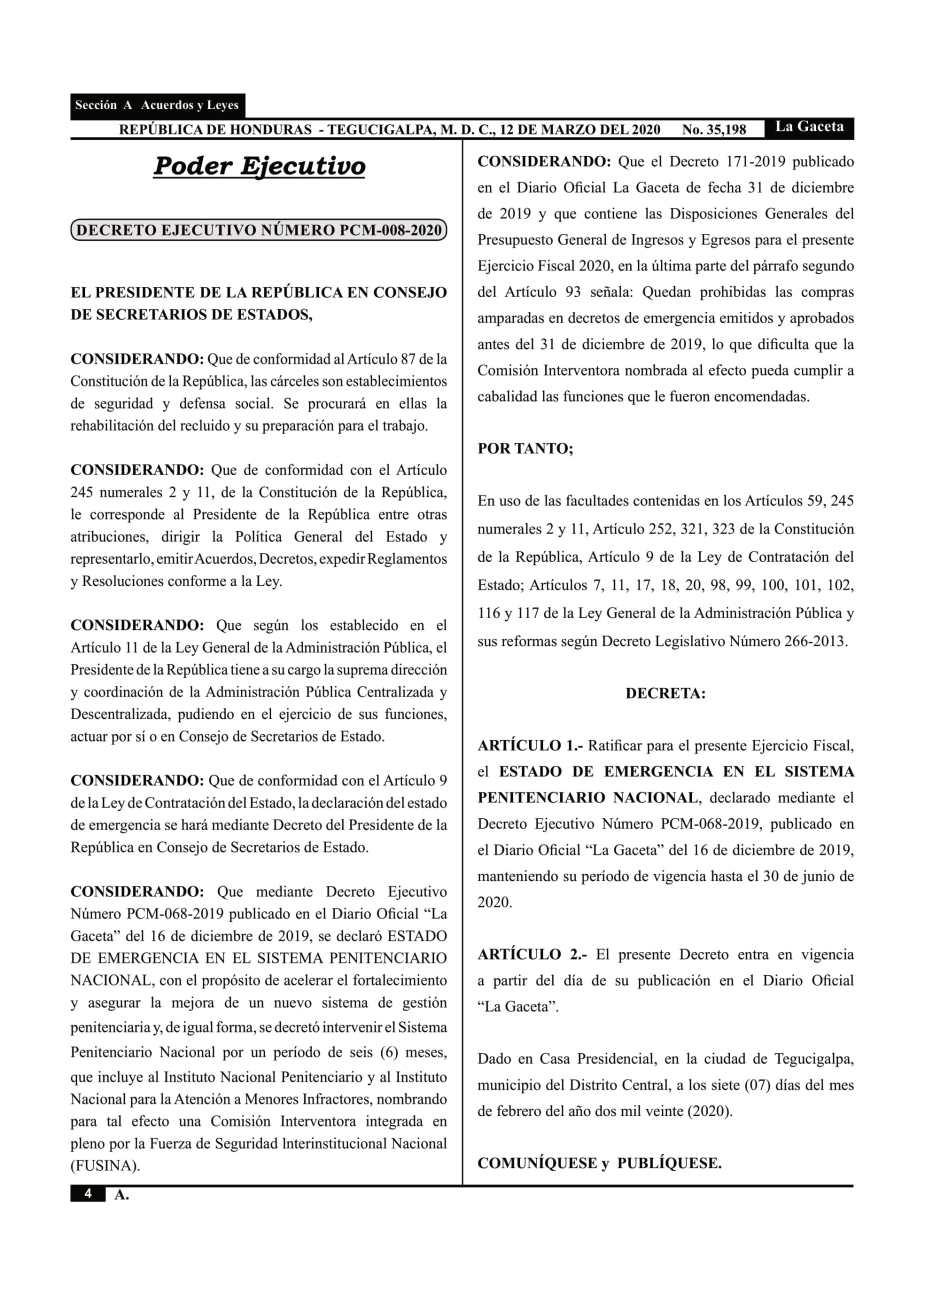 12 DE MARZO 2020, 35,198 2-4